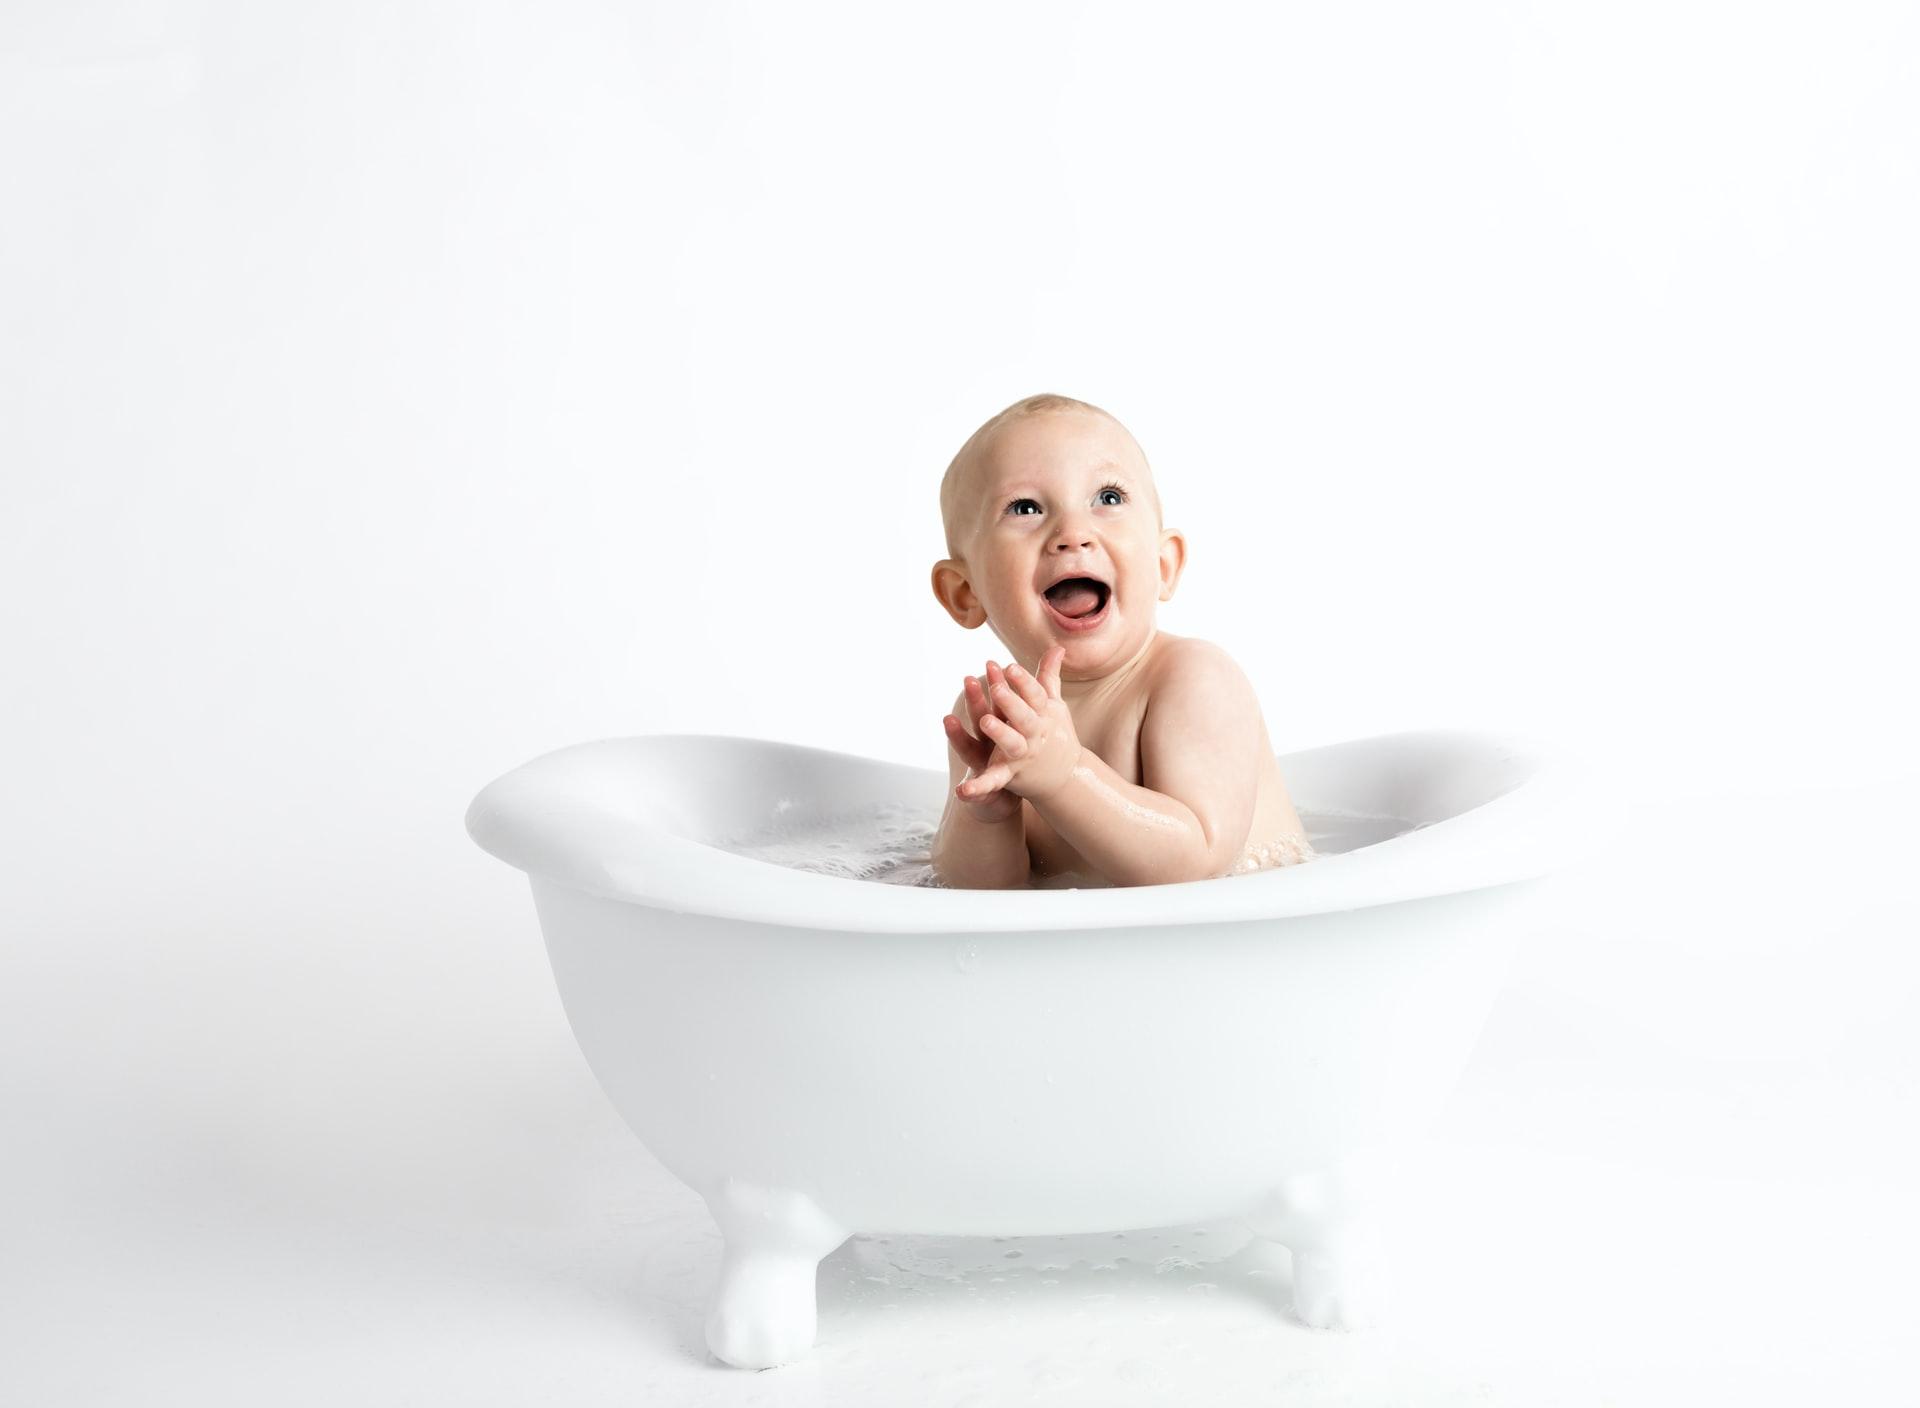 henley design studio fj2f6C5hGRM unsplash - What is the Best Time to Bathe a Newborn?